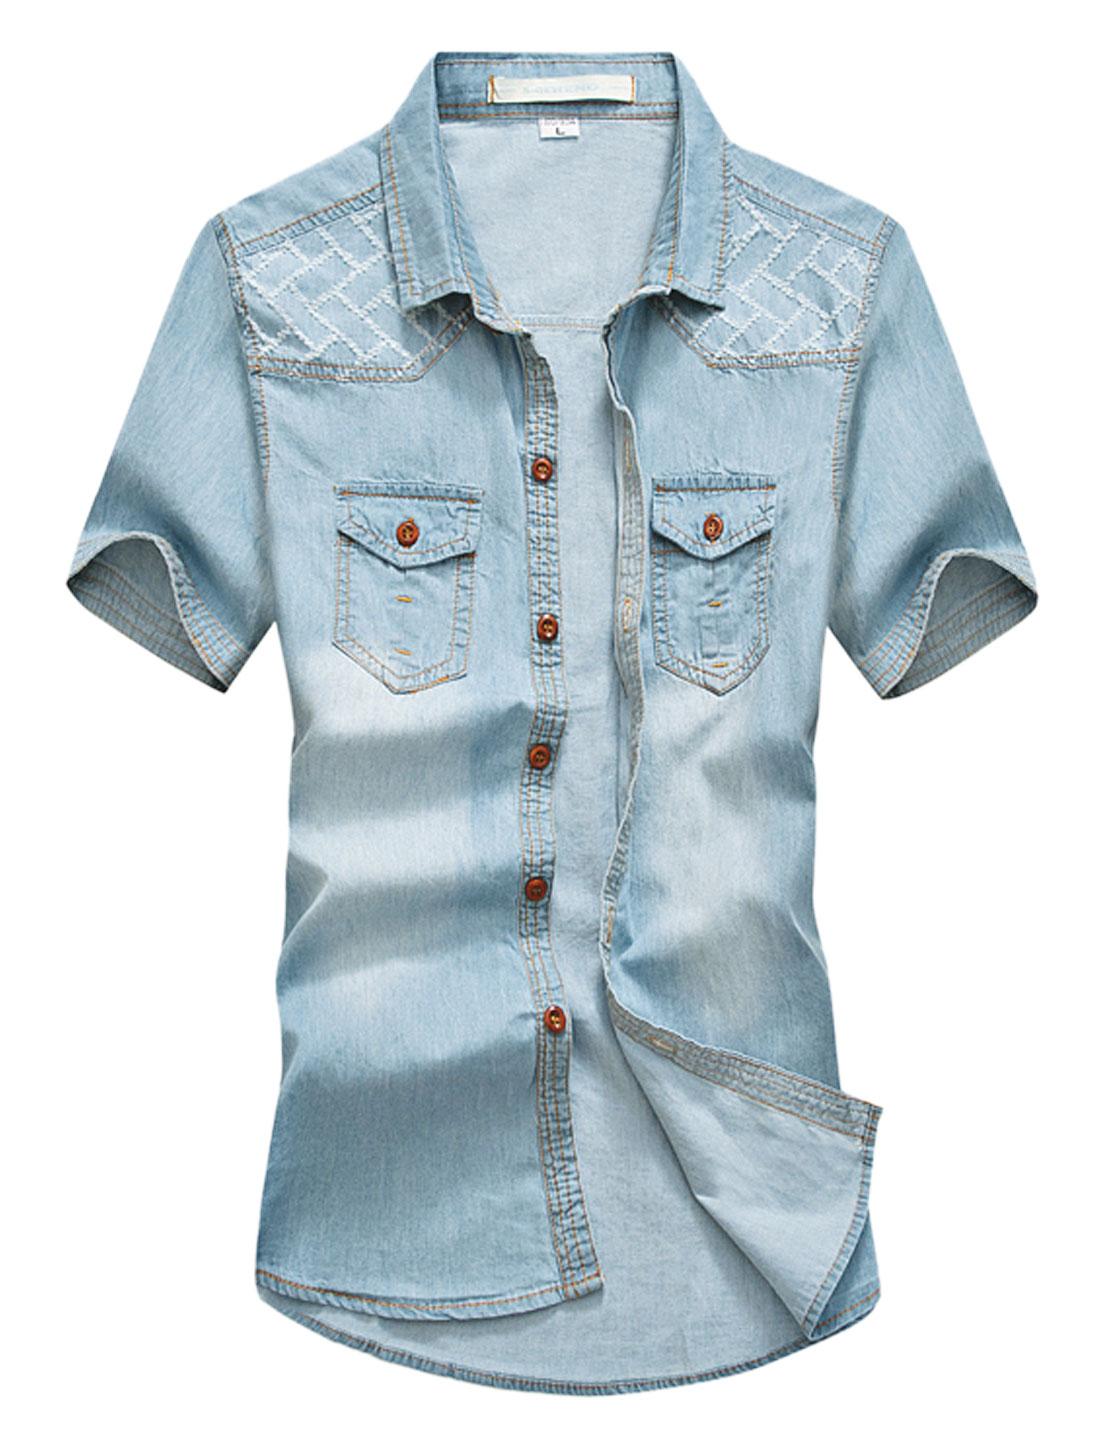 Men Destroyed Detail Flap Chest Pockets Washed Denim Shirt Light Blue M